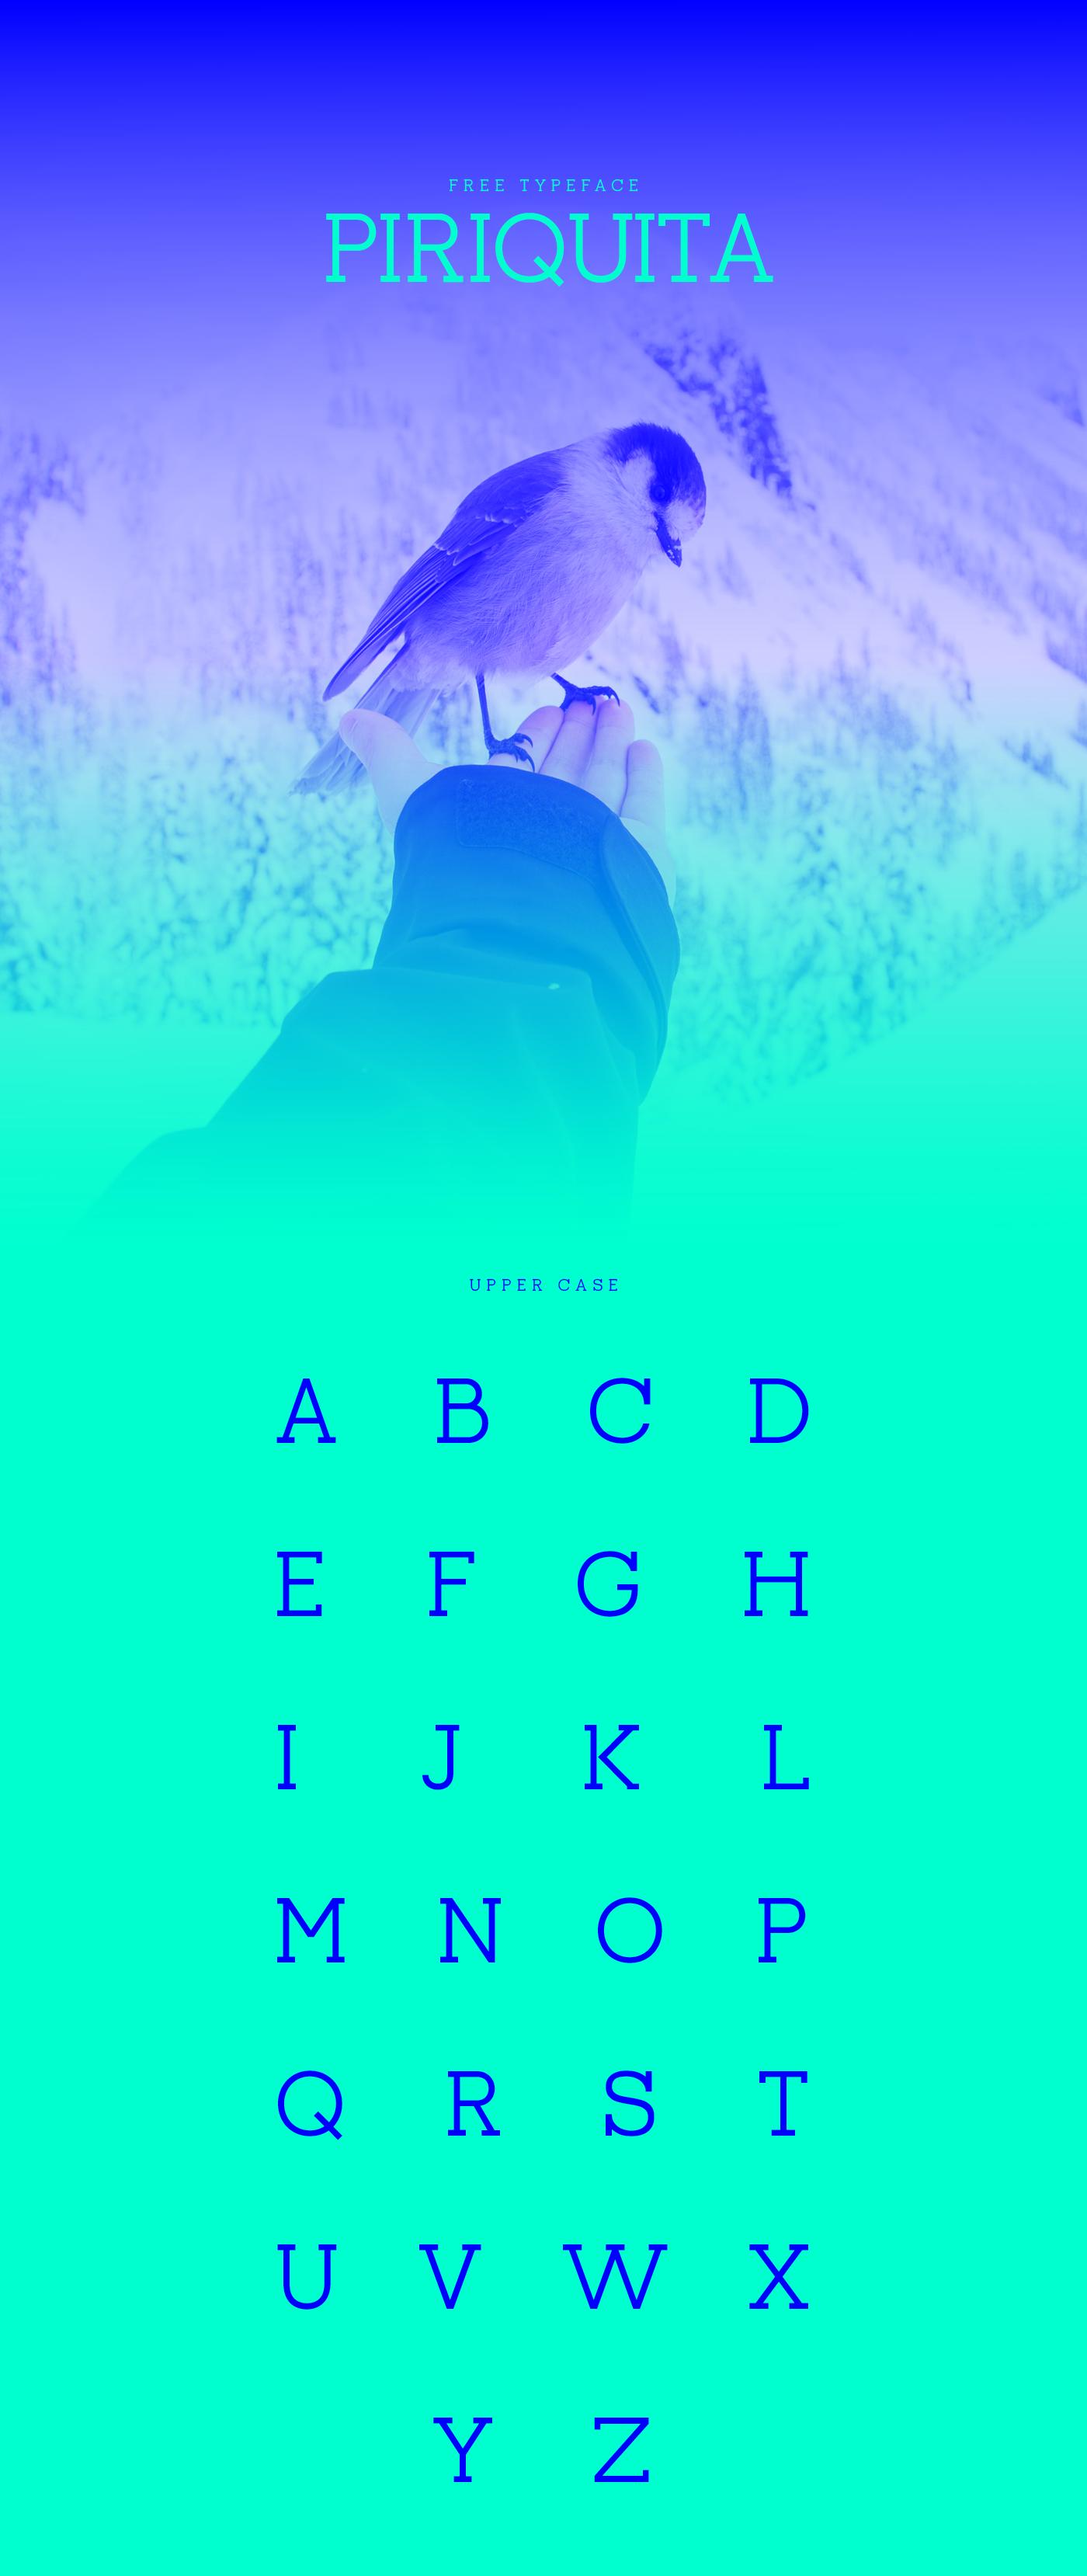 Piriquita Typeface